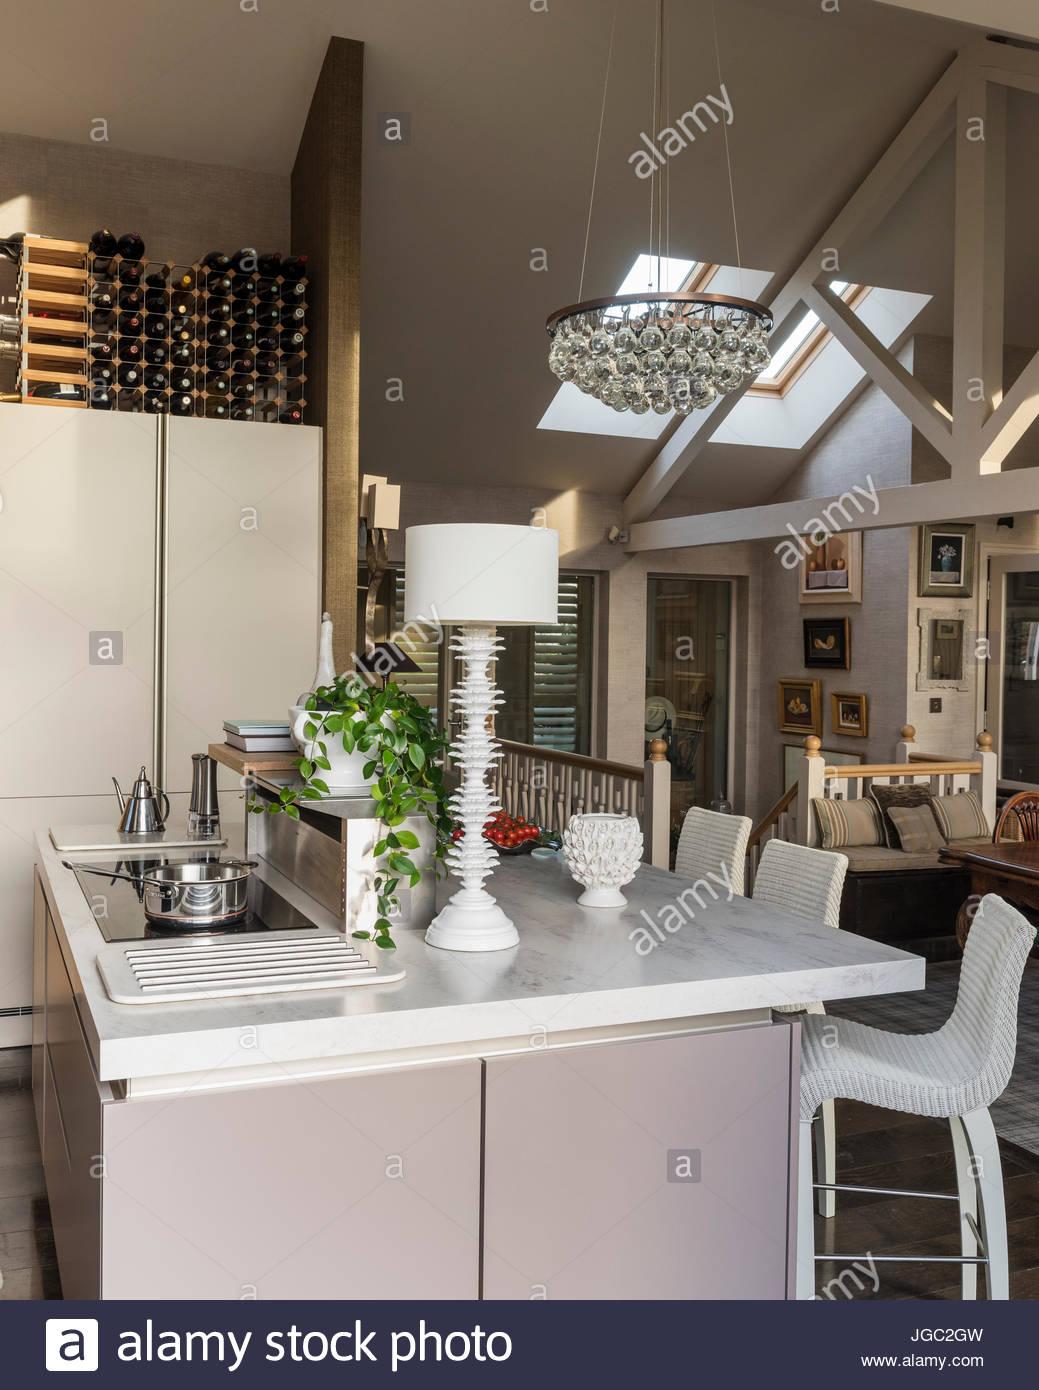 Lâmpada pendente e rack de vinho acima de pequeno-almoço bar em uma estrutura de cozinha Imagens de Stock